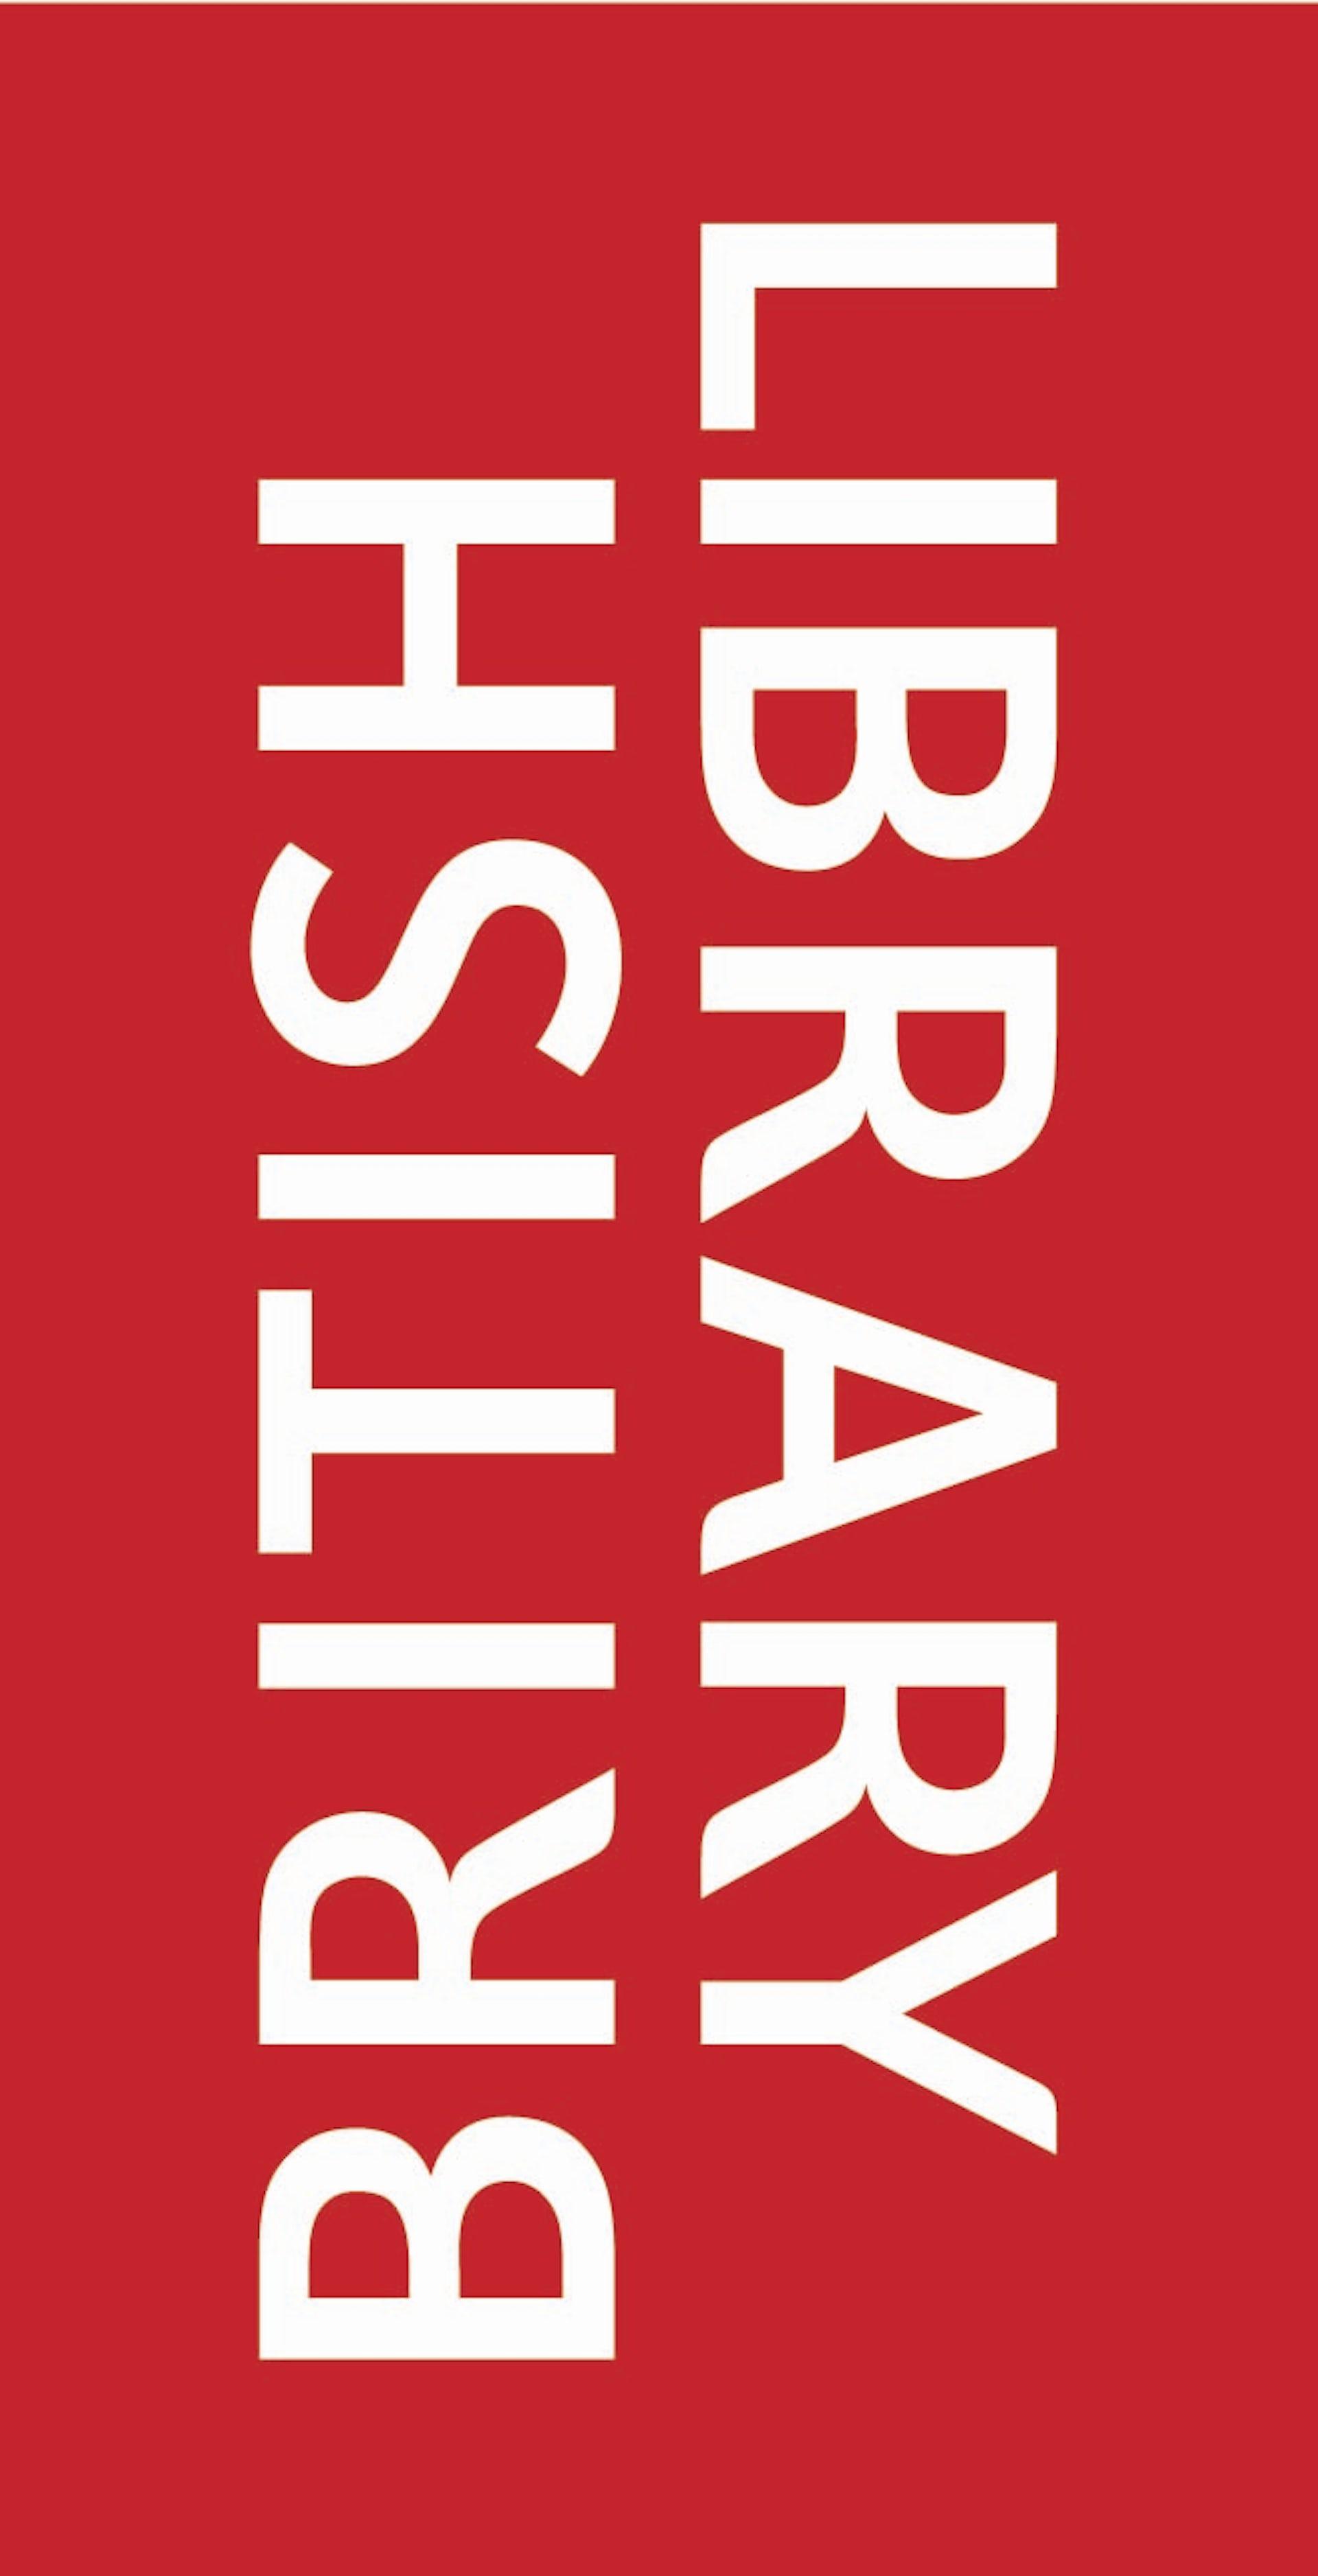 Logo 1415883852.jpg?ixlib=rb 1.1